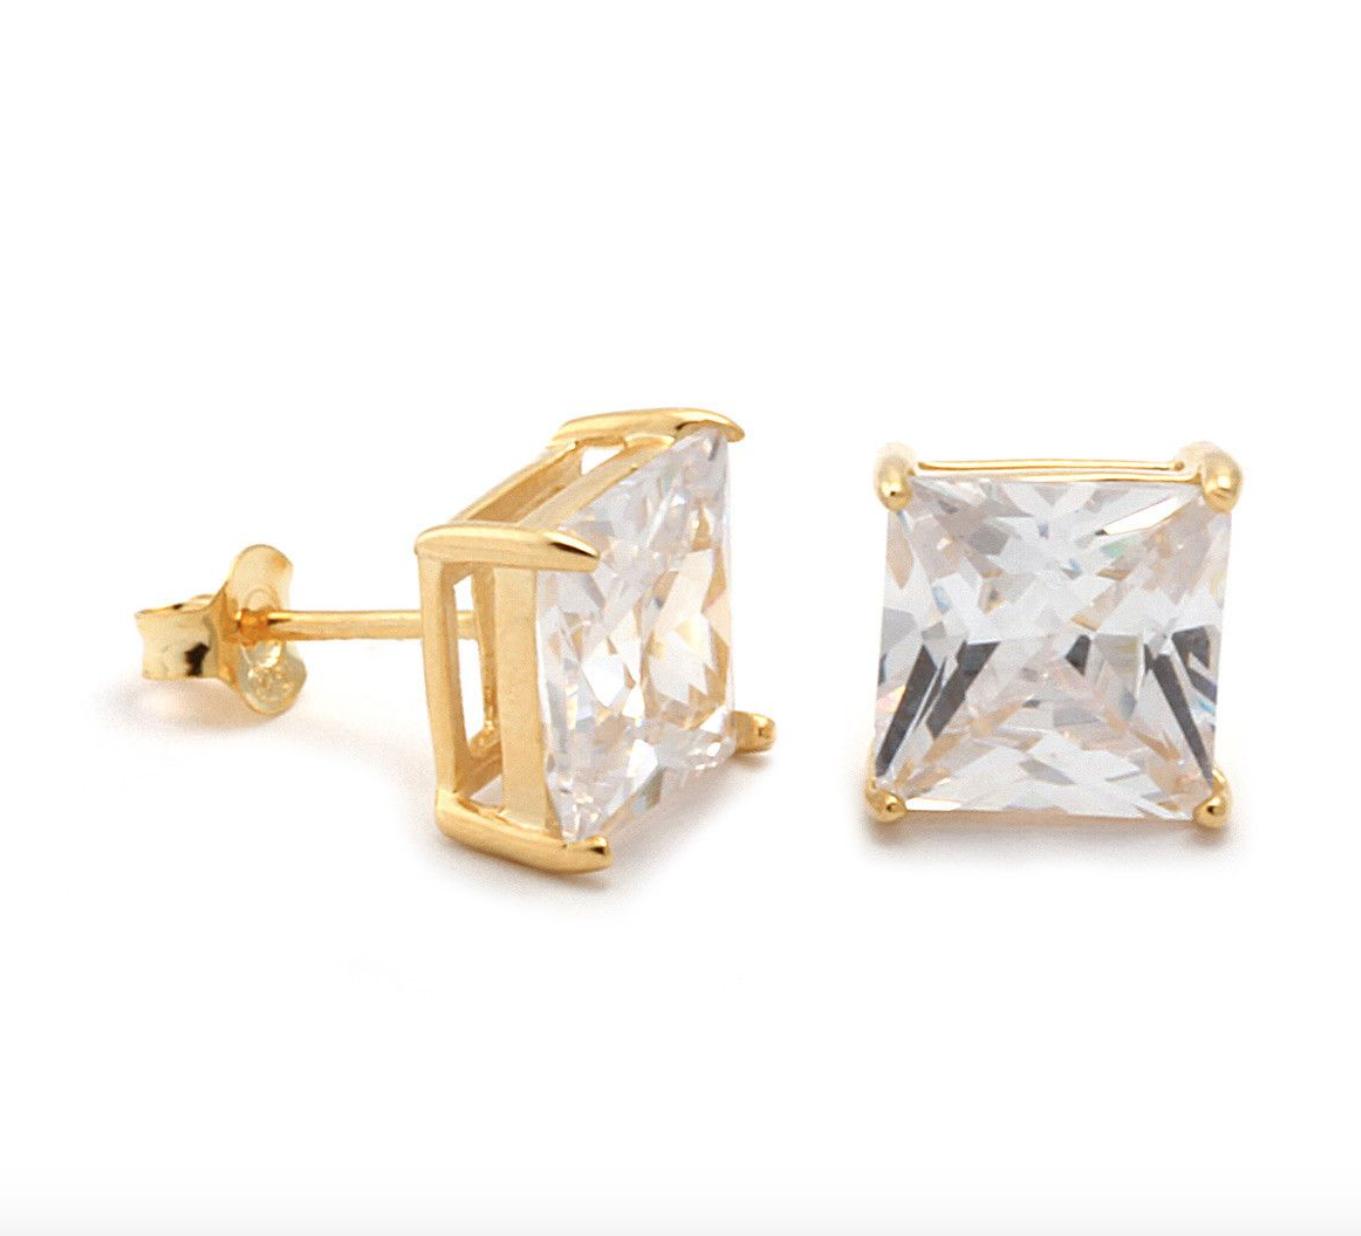 King Ice 4mm Princess Cut 925 Sterling Silver Cz Stud Earrings Luxuryoutletonline